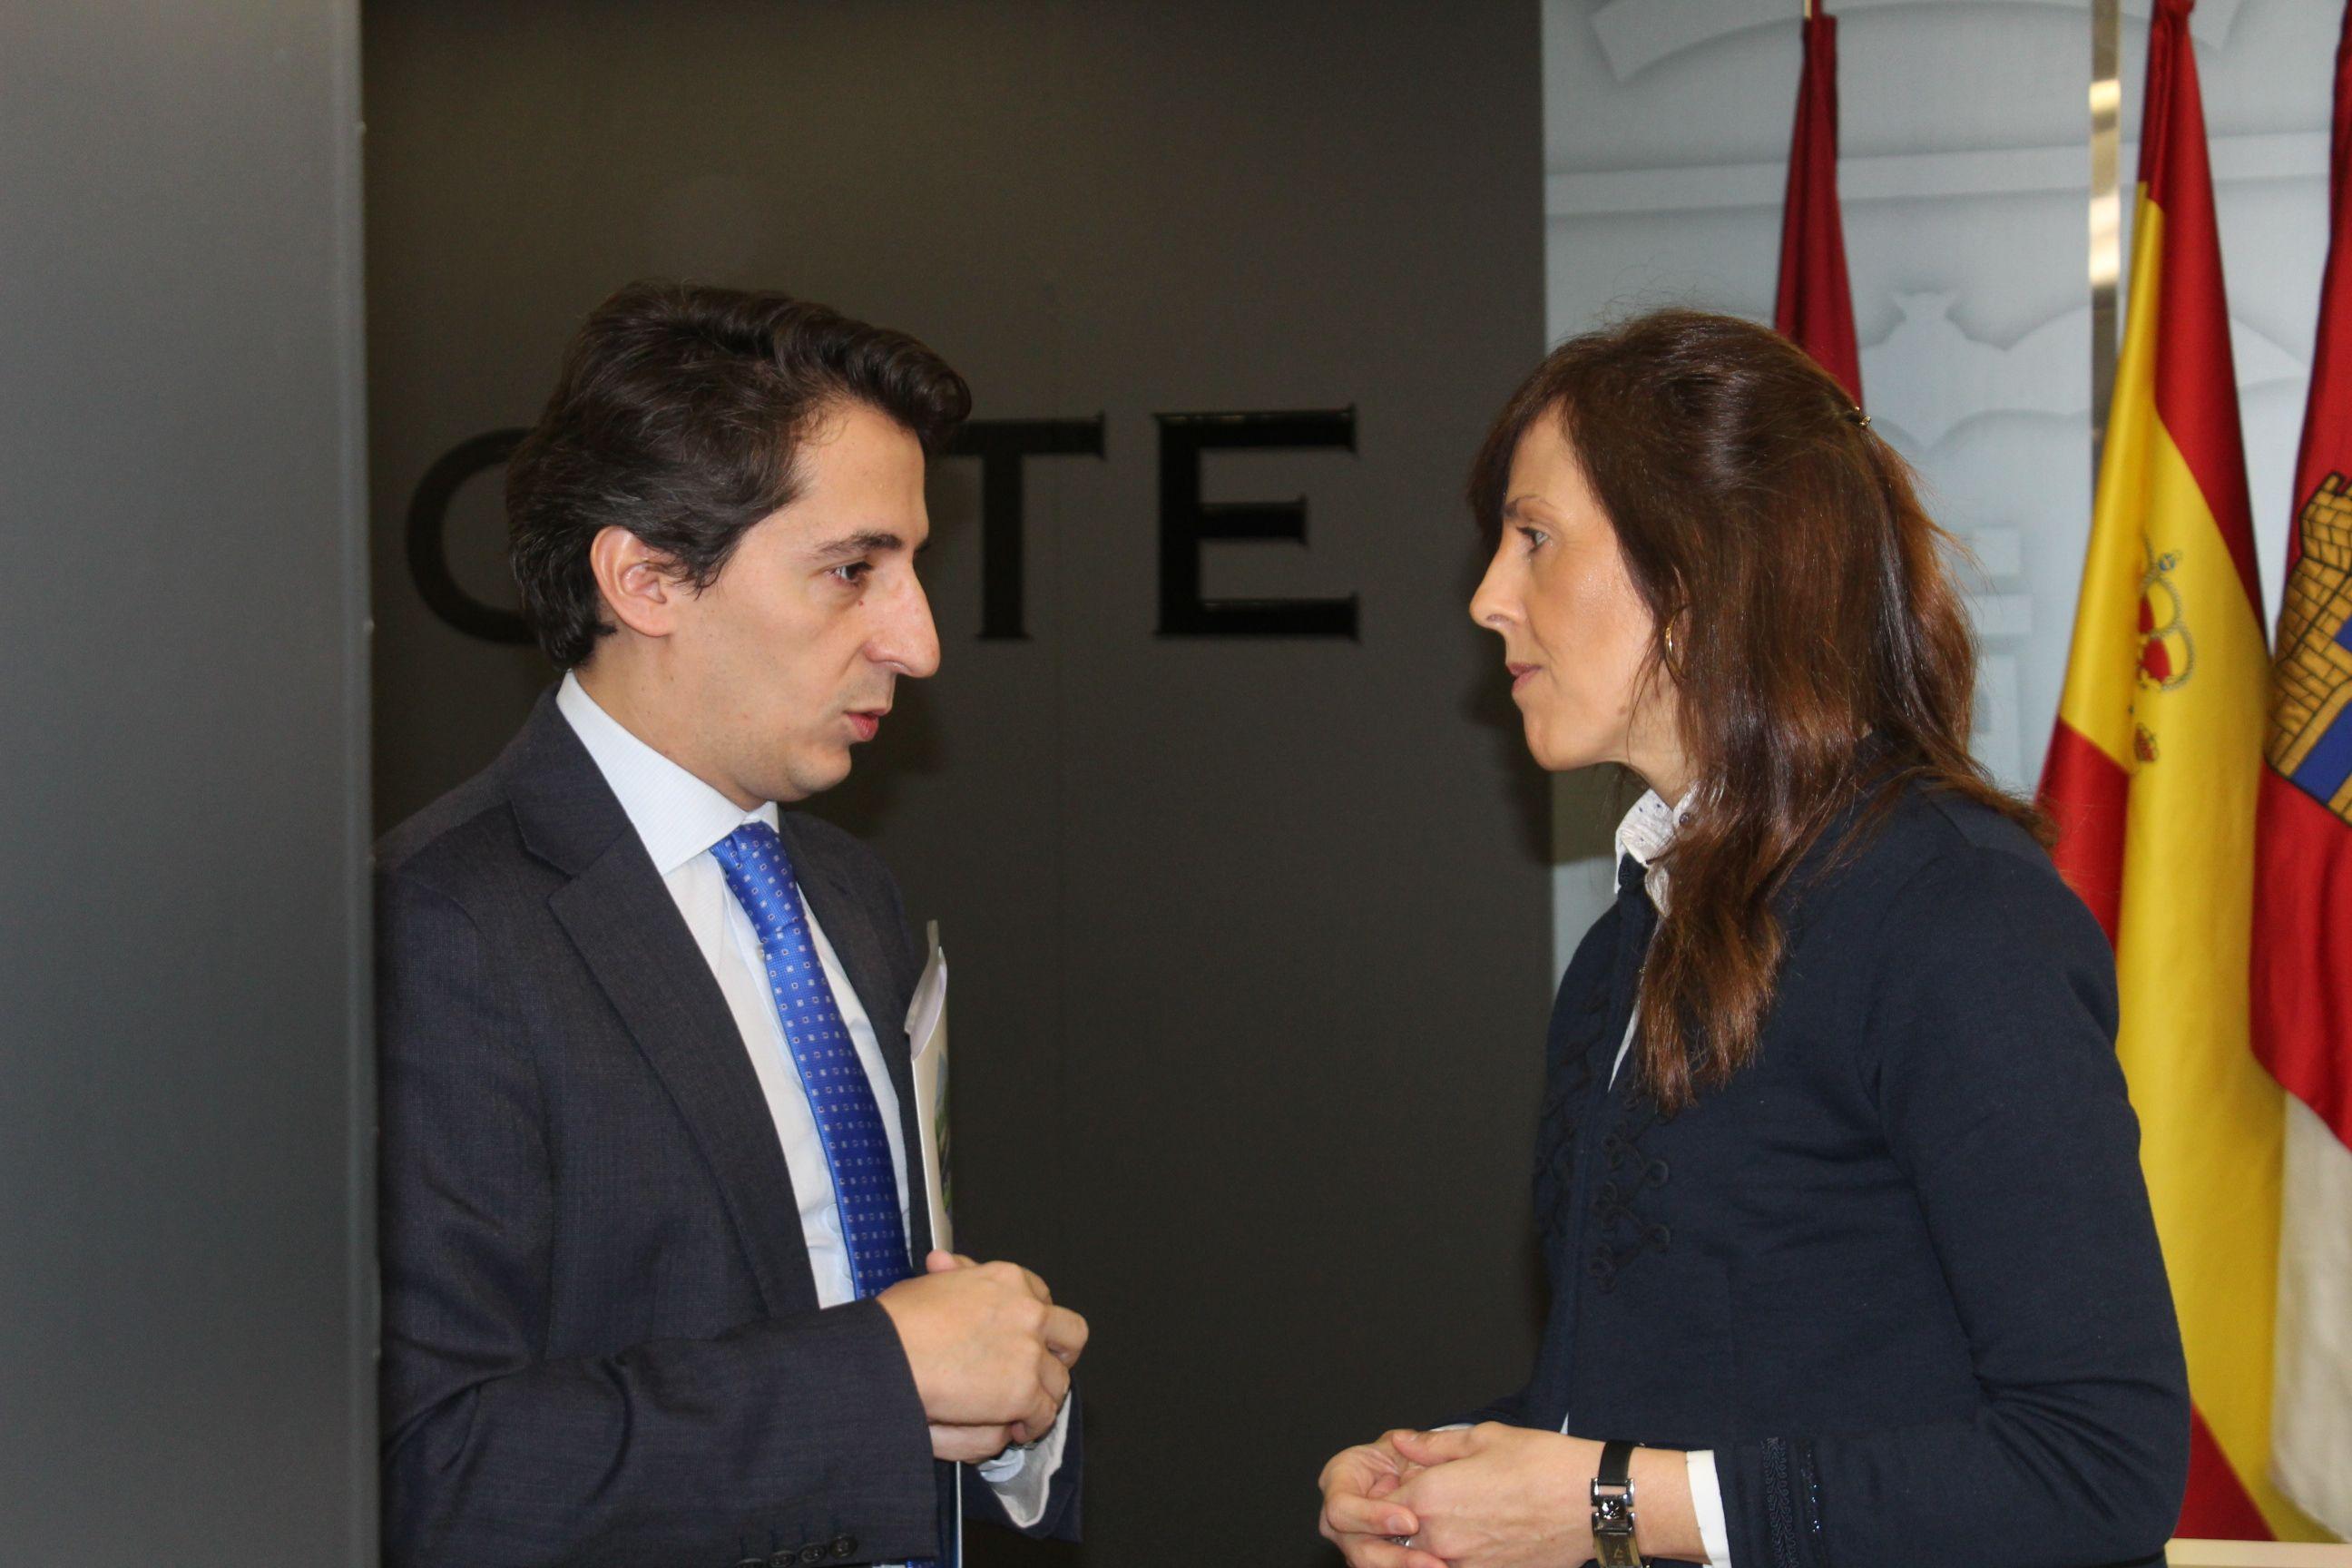 Gil destaca que para el Ayuntamiento las políticas sociales son prioritarias ya que mejoran la vida de personas y familias de Albacete